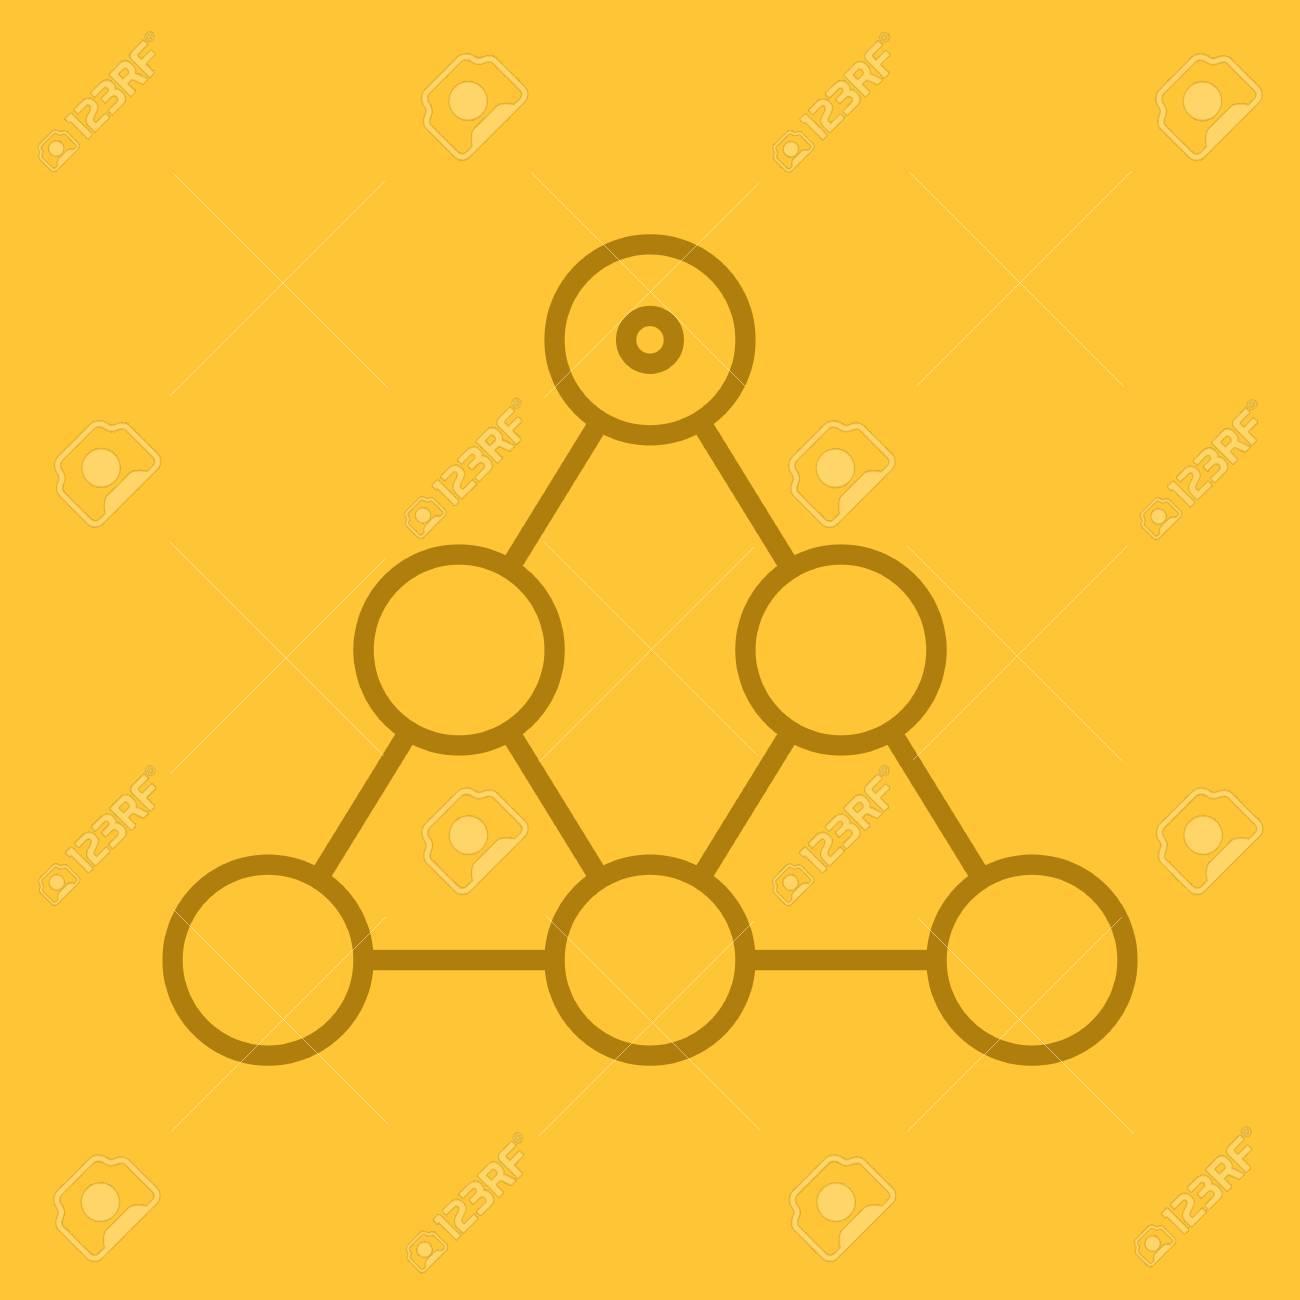 Icono Lineal De Jerarquía Equipo De Construcción Y Concepto De Estructura Delgada Línea De Símbolos De Esquema En El Fondo De Color Ilustración